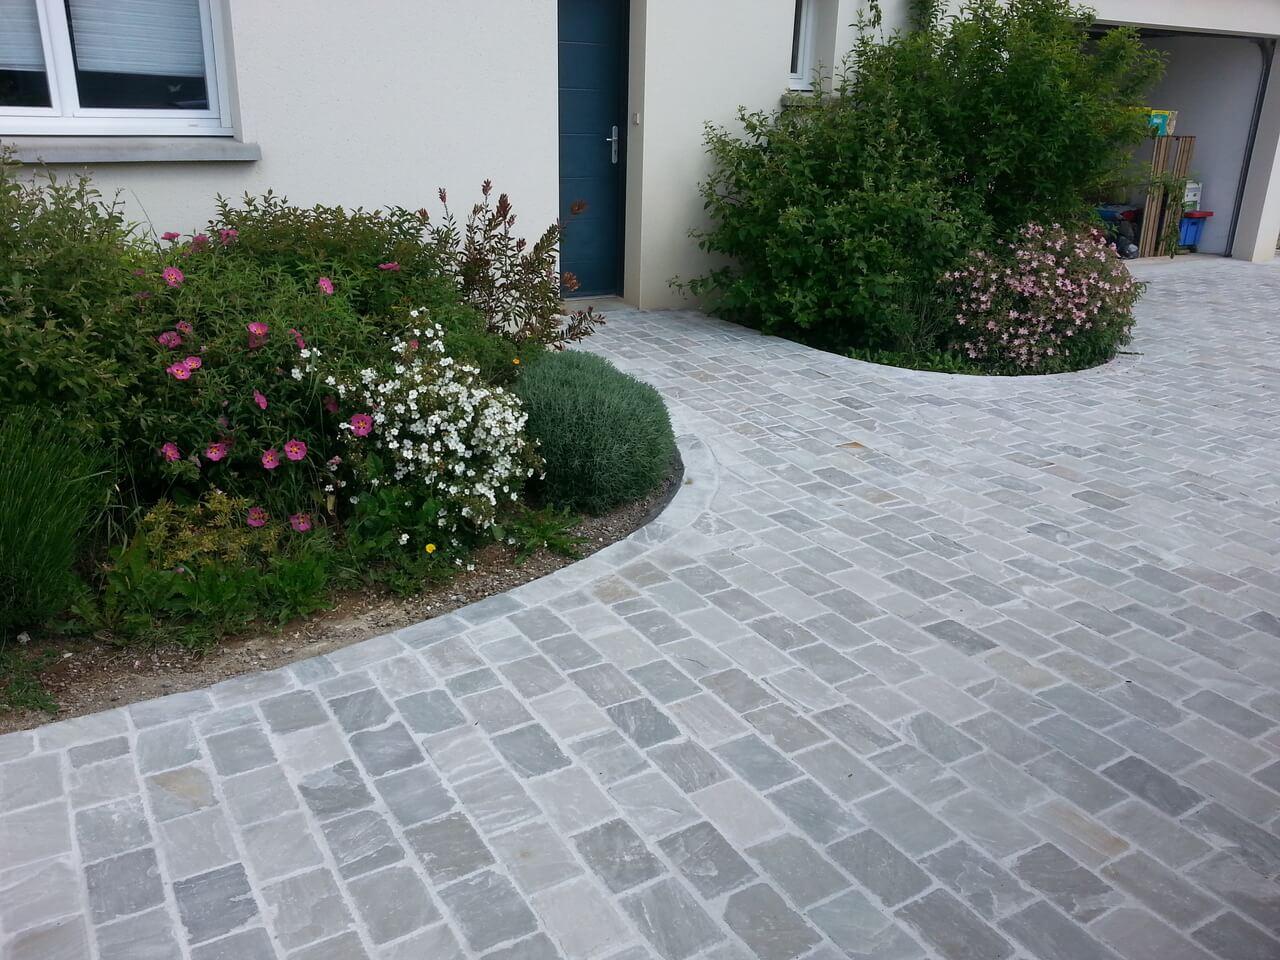 aménagement de cour extérieure et allée en pavé gris